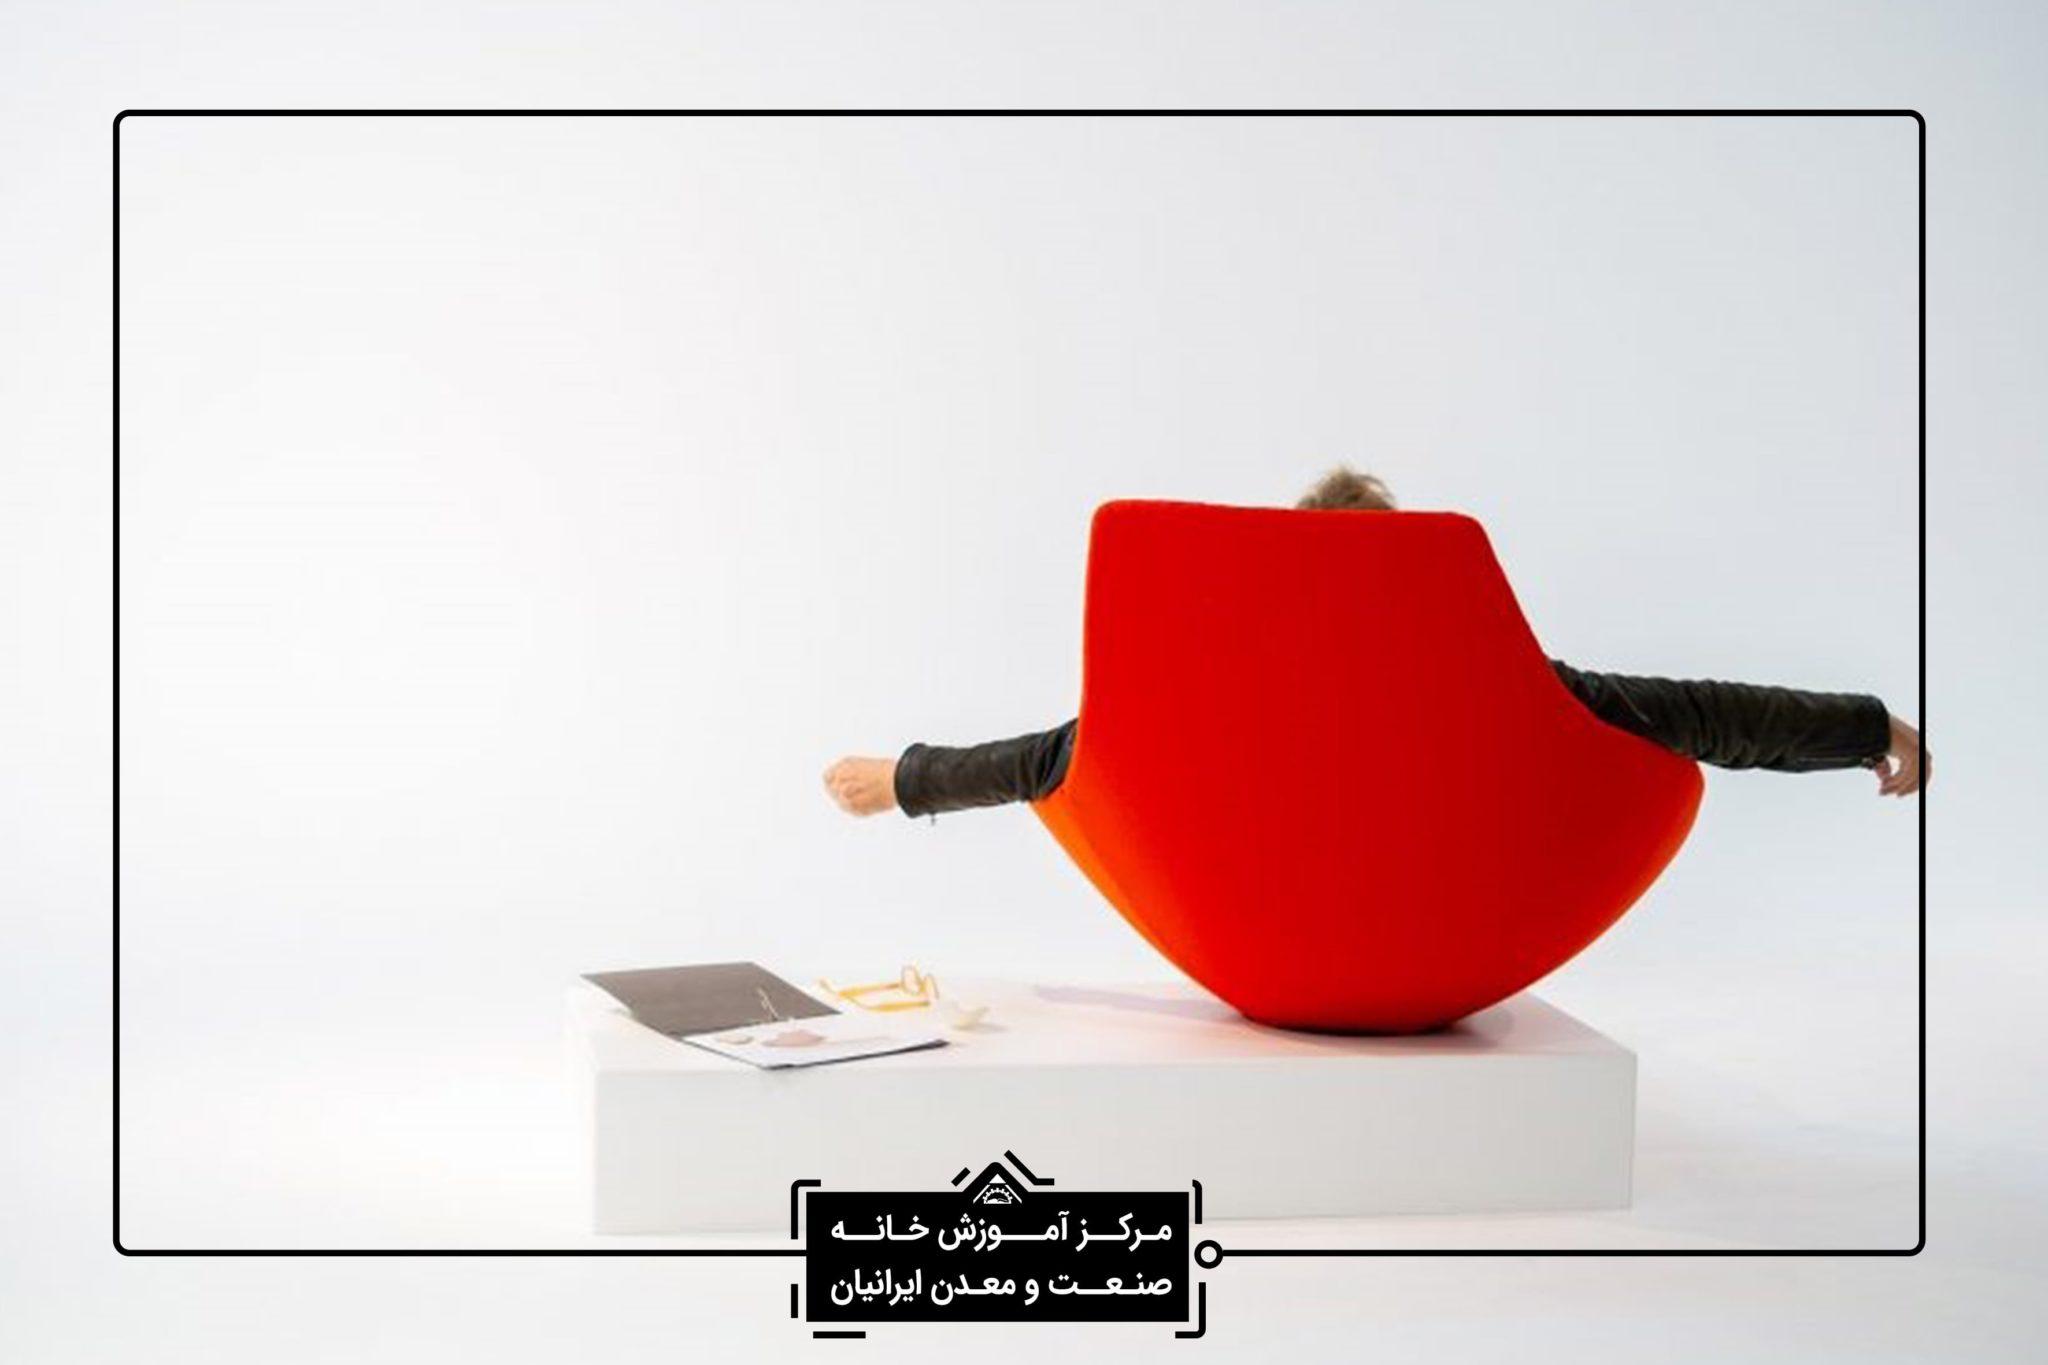 طراحی داخلی در شیراز 3 - آموزش طراحی دکوراسیون داخلی در شیراز